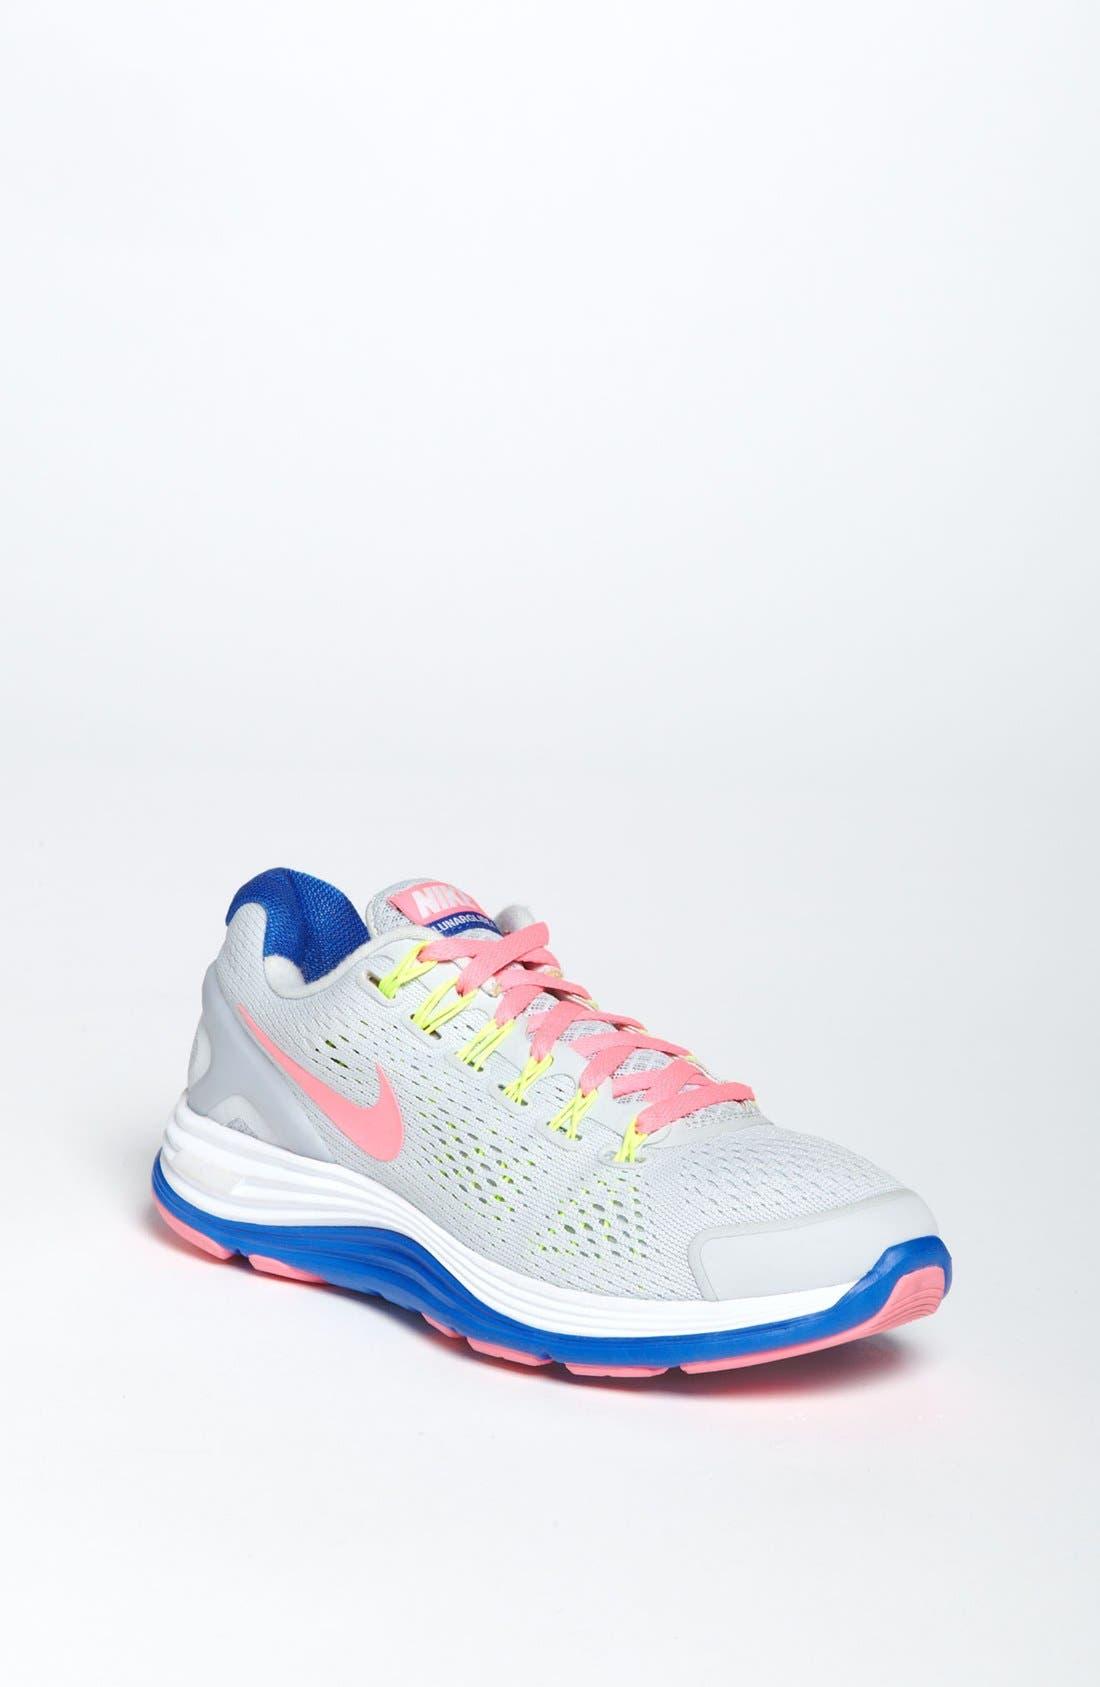 Alternate Image 1 Selected - Nike 'LunarGlide 4' Running Shoe (Big Kid)